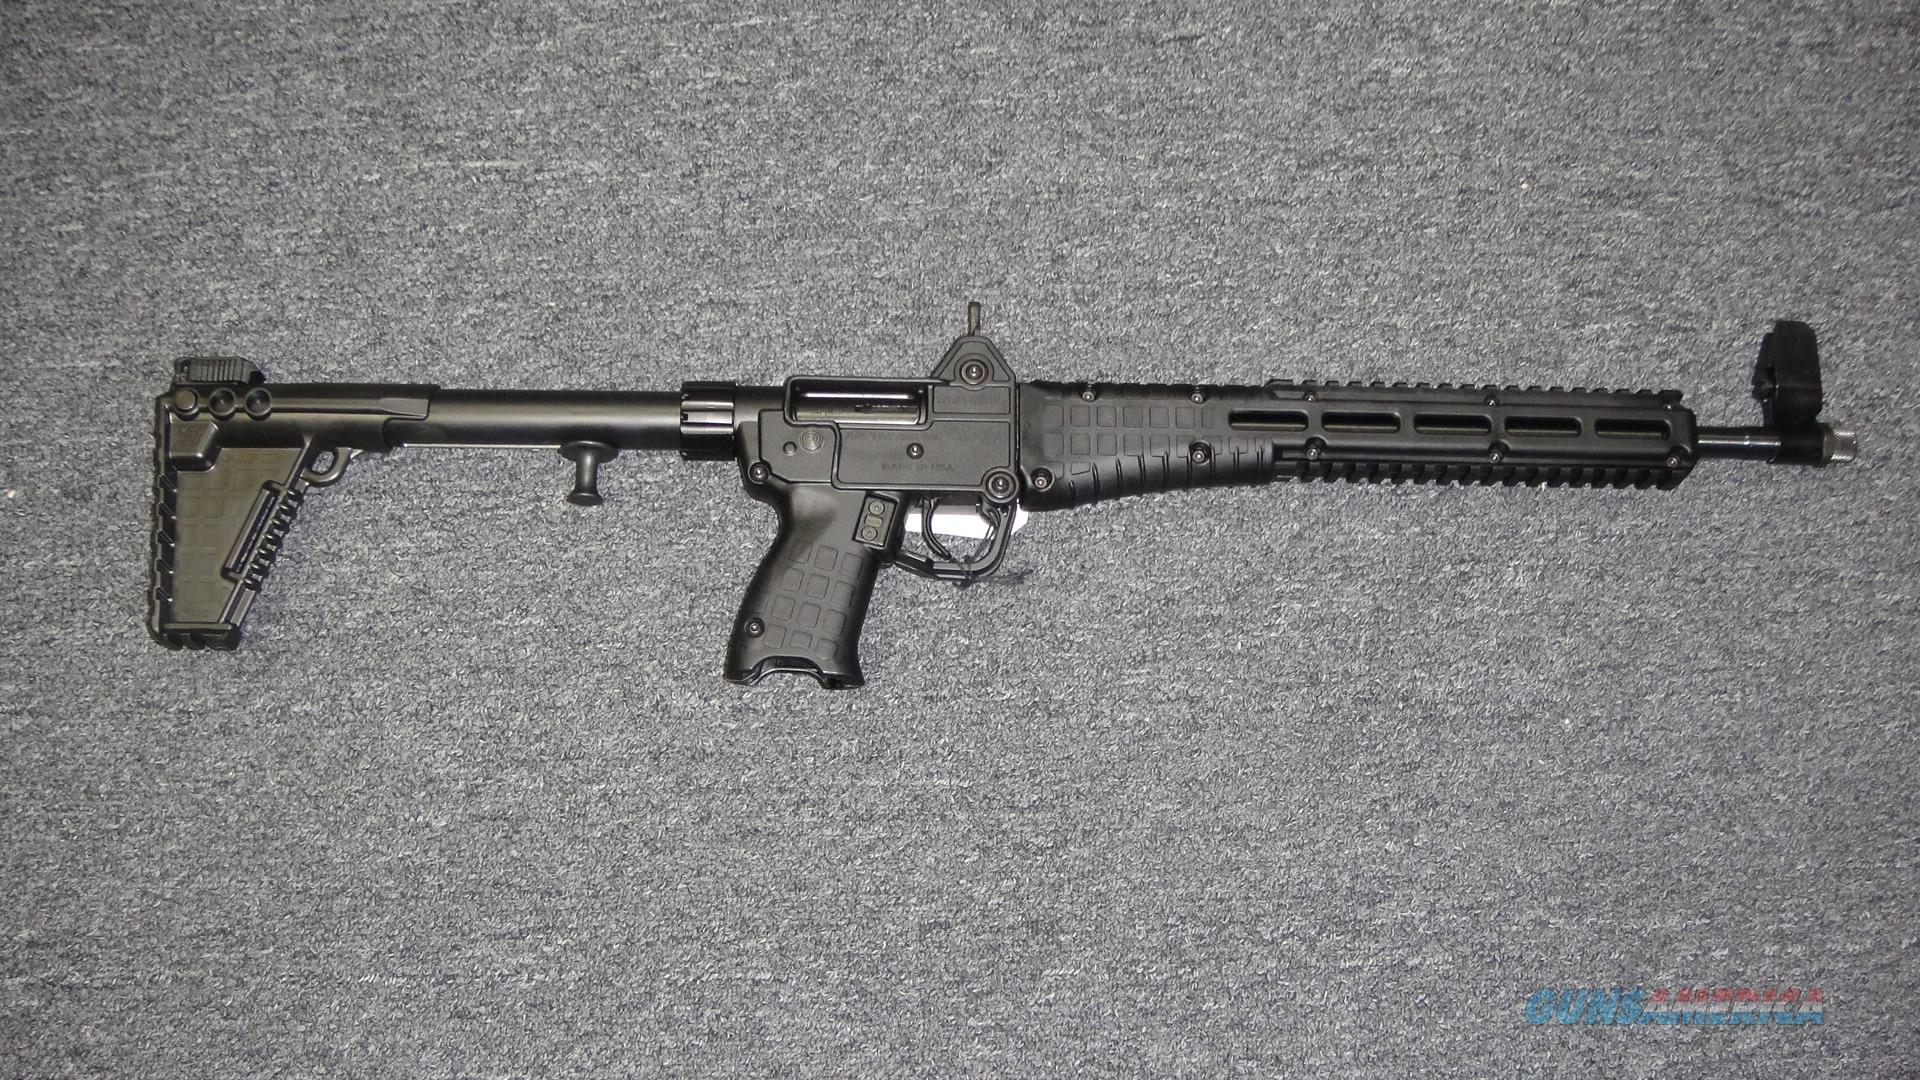 Kel-Tec Sub 2000 Beretta 92 mags  Guns > Rifles > Kel-Tec Rifles